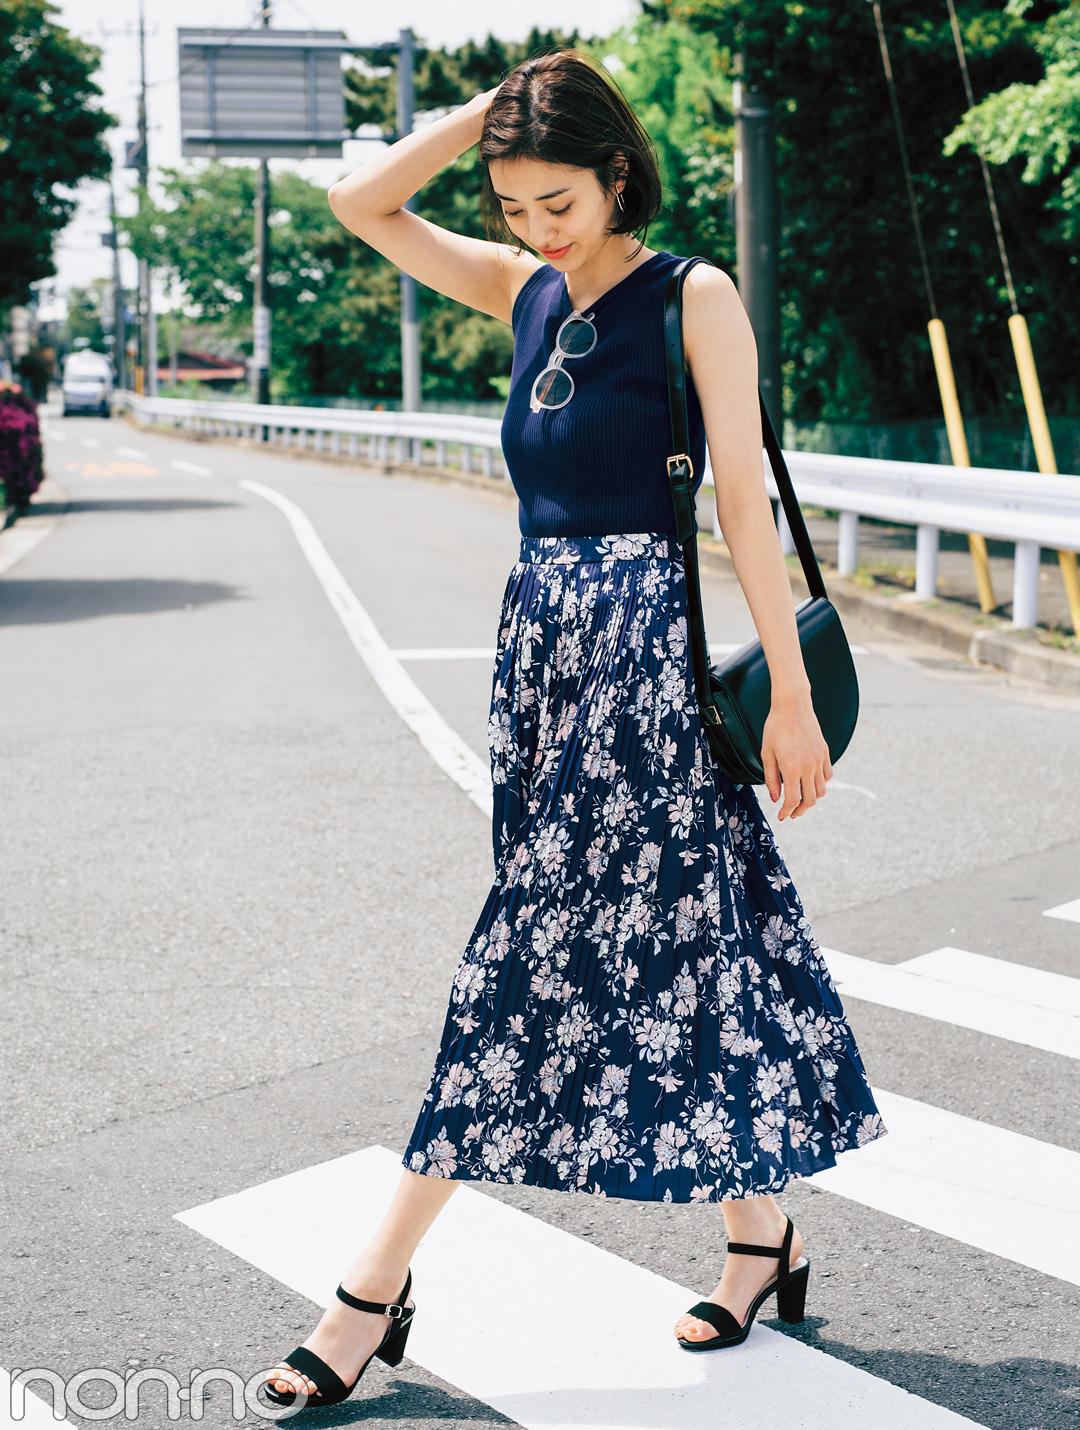 濃い色花柄スカートで、大人っぽくスタイルUPしたいときのポイントは?_1_2